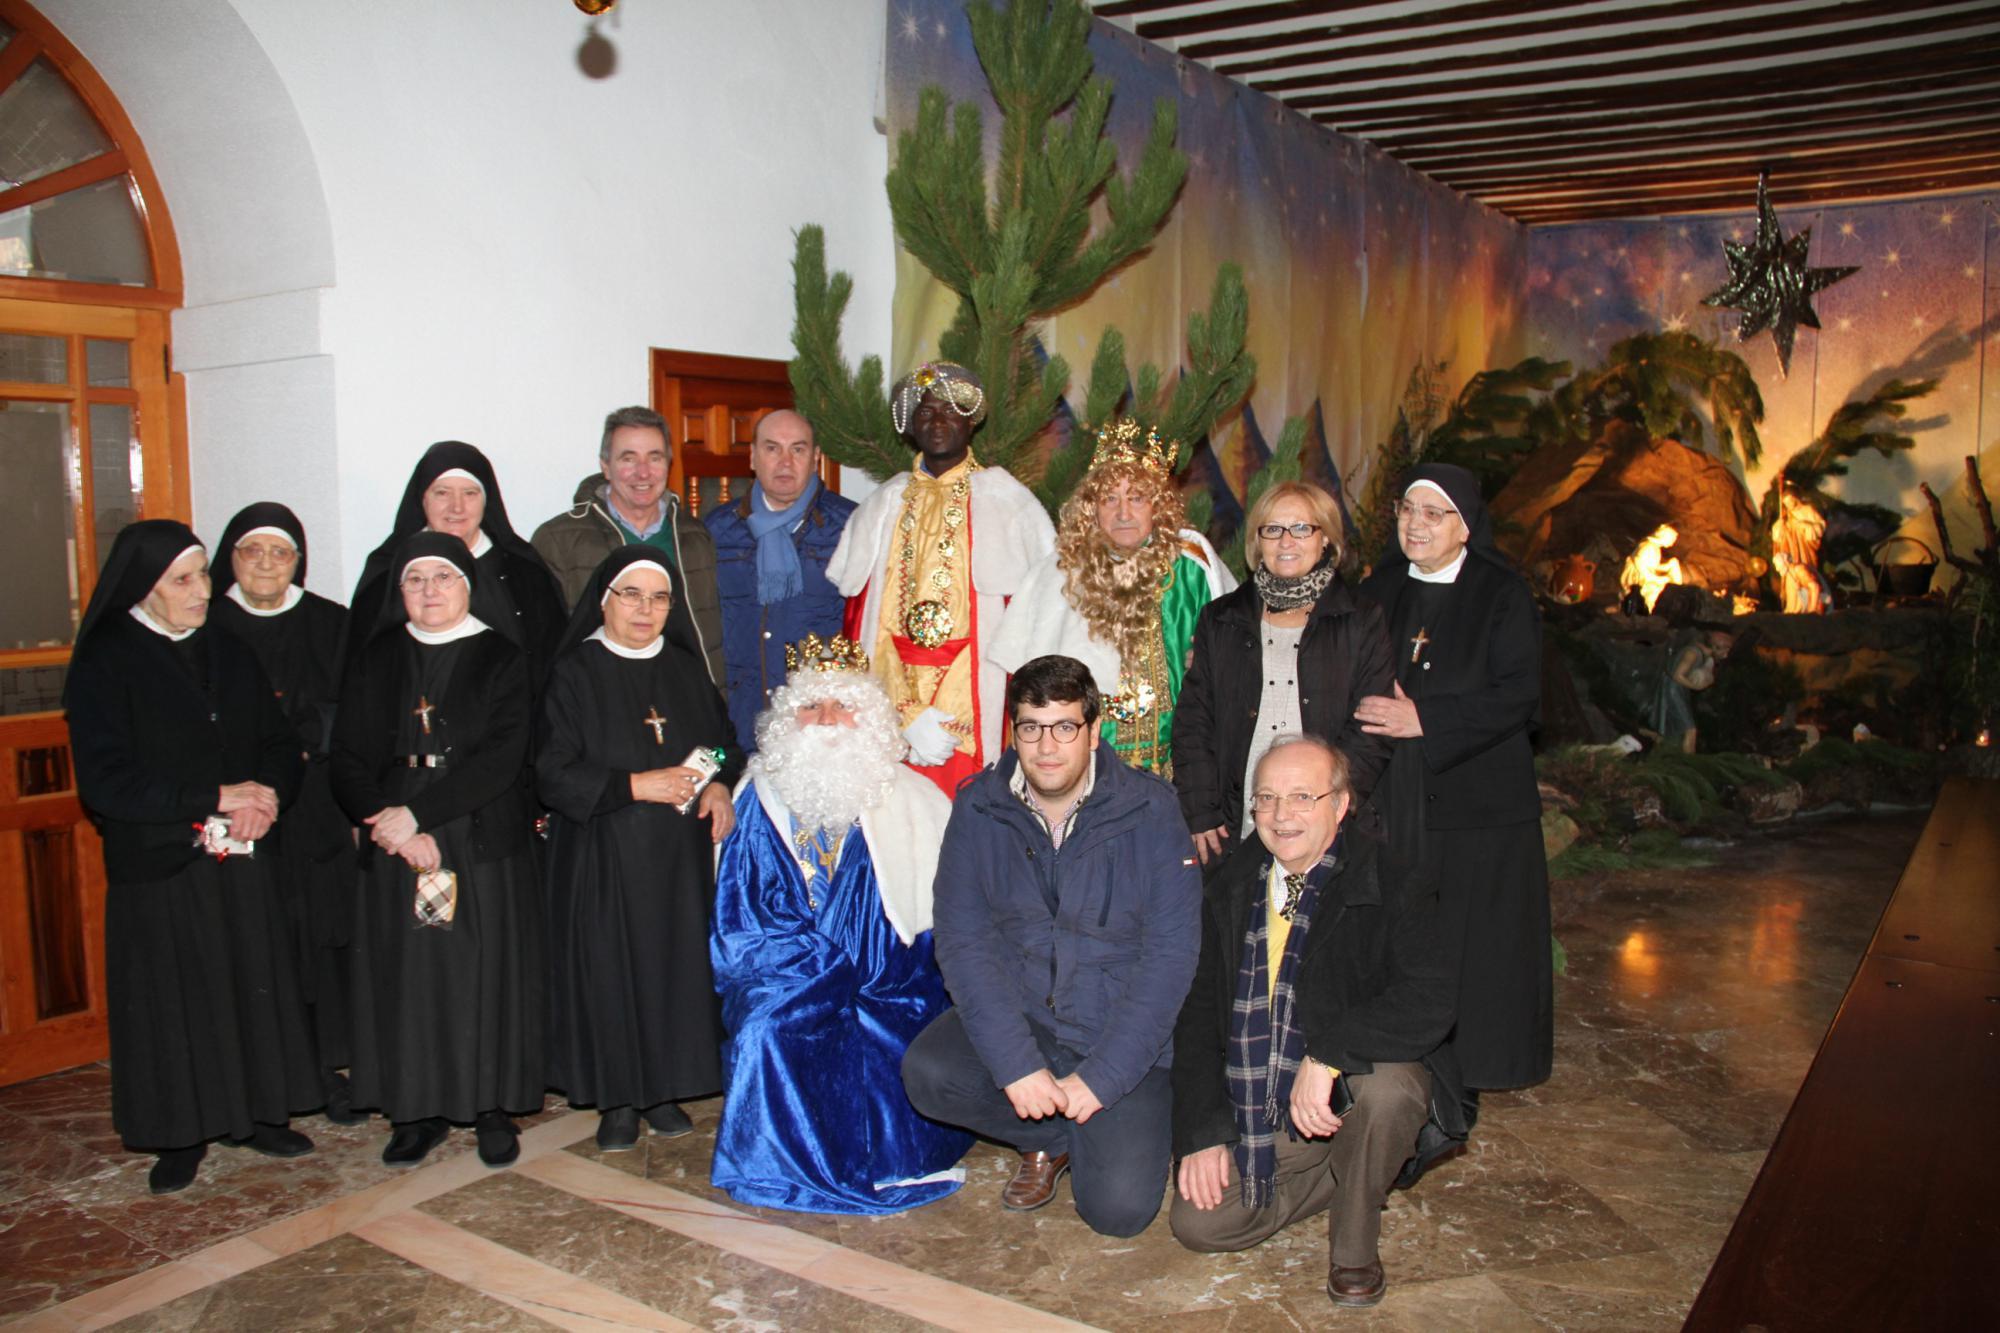 Los Reyes Magos, que de nuevo fueron Majos en Sigüenza, han visitado por triplicado la ciudad